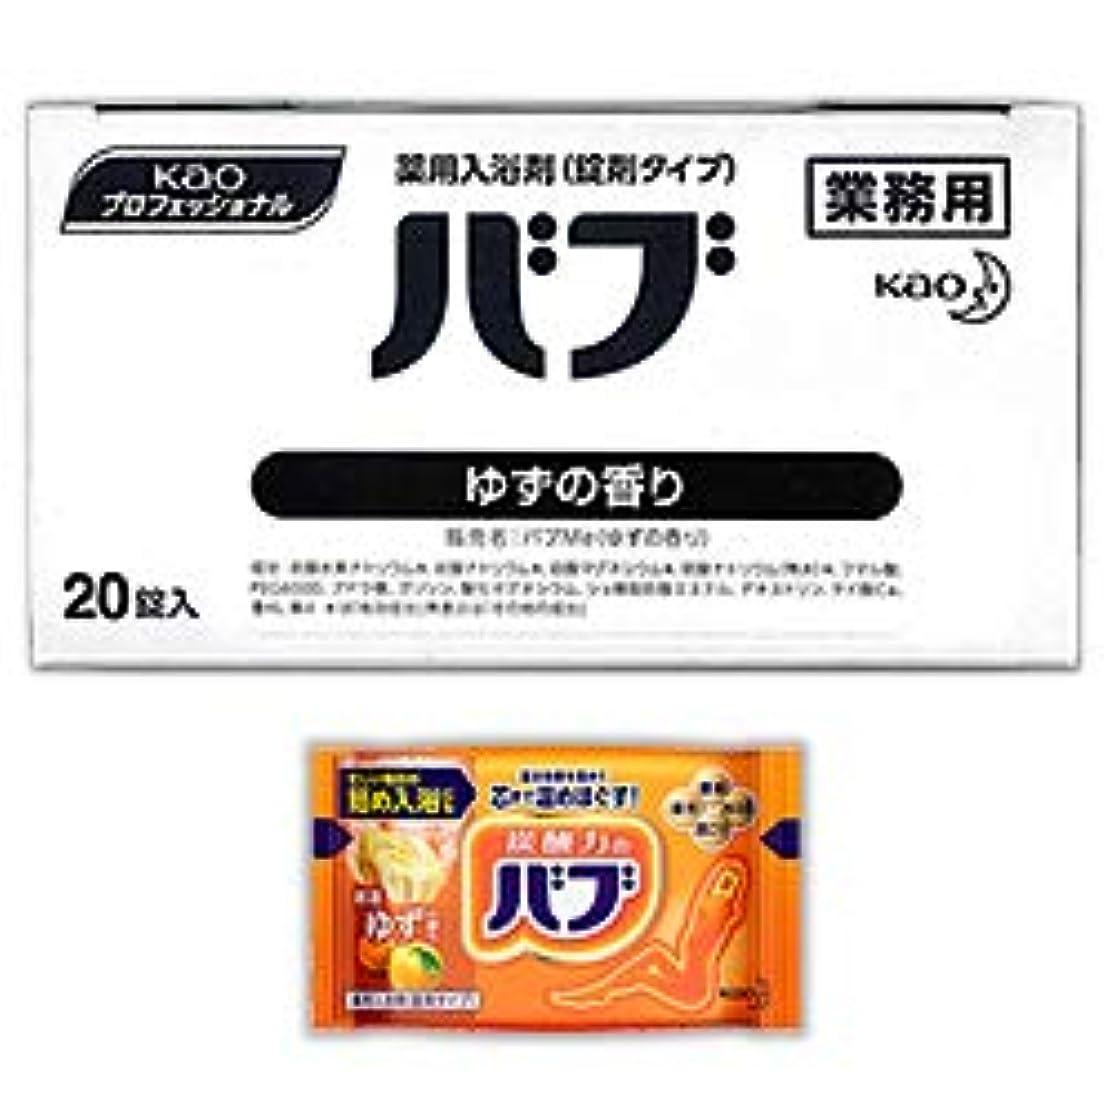 メカニックロードブロッキングフロント【花王】Kaoプロフェッショナル バブ ゆずの香り(業務用) 40g×20錠入 ×3個セット